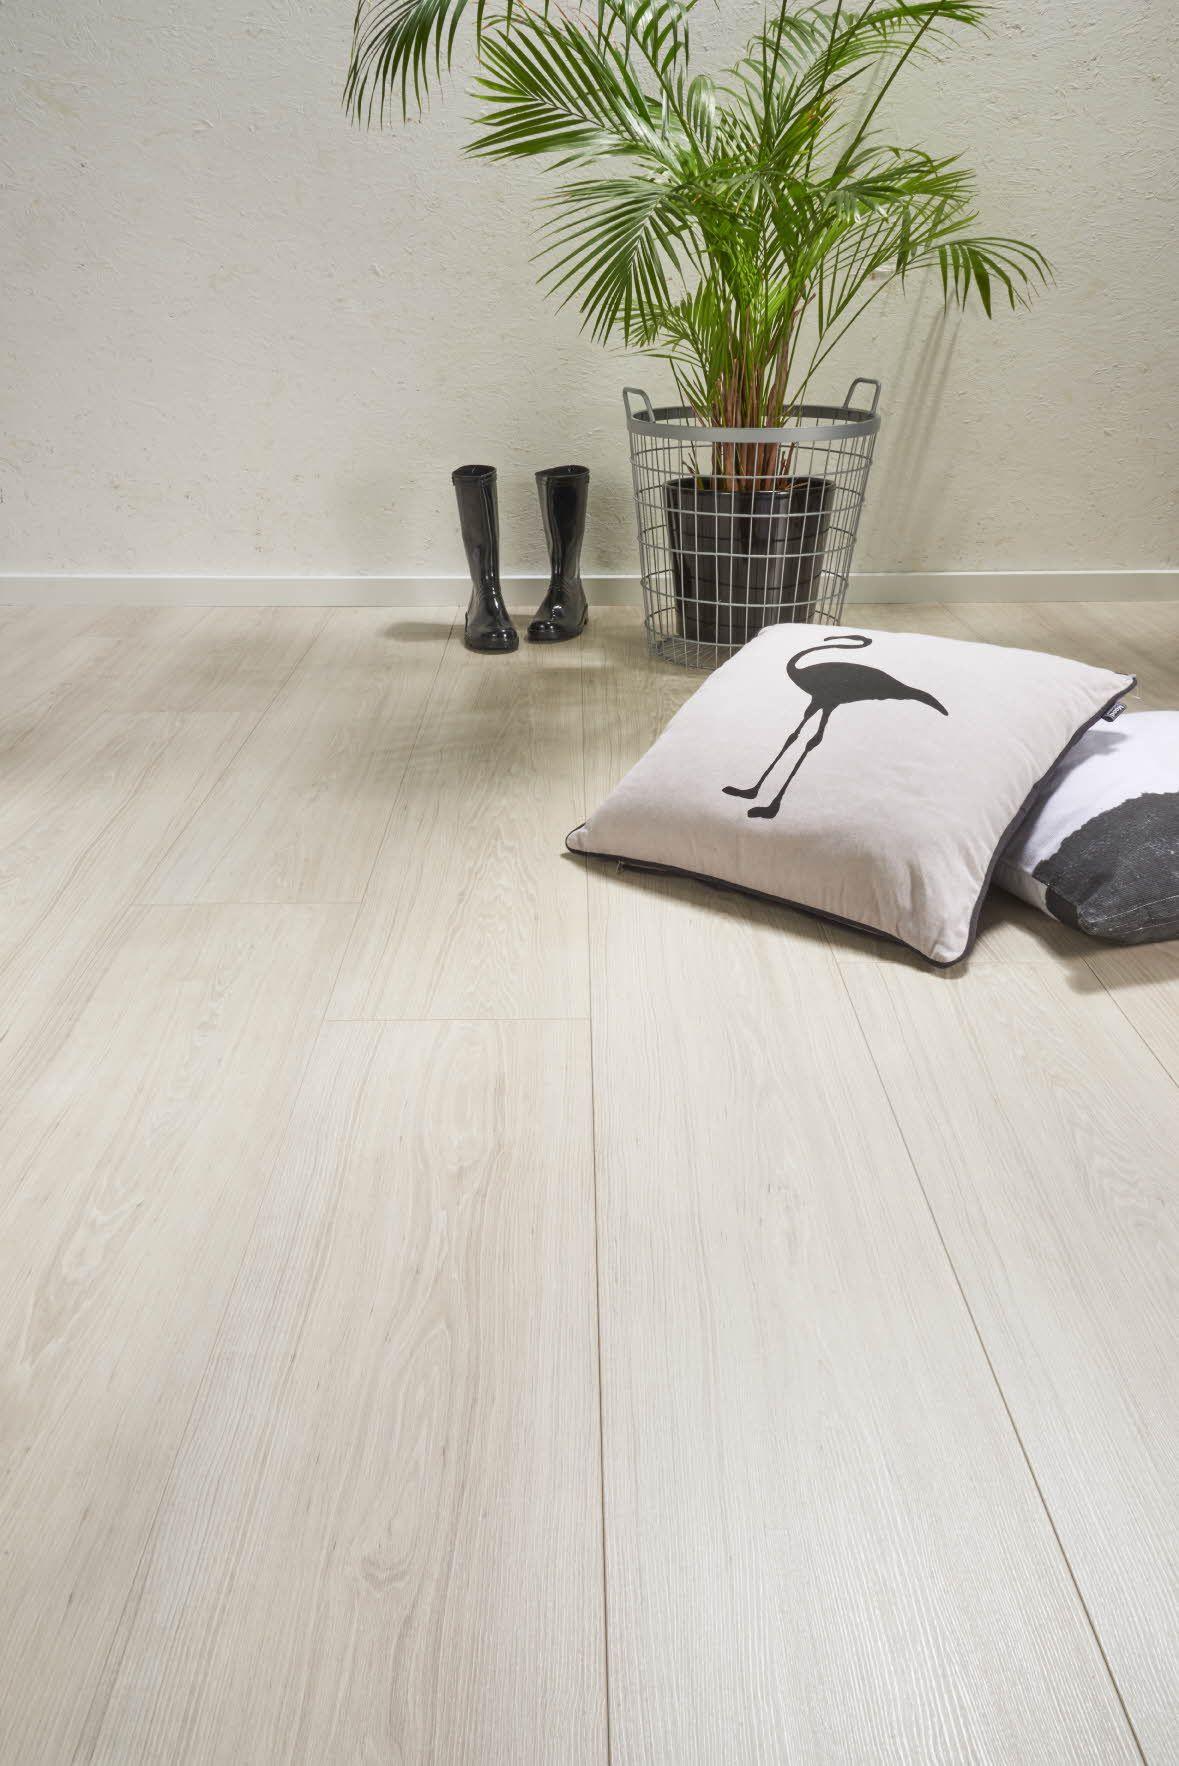 praxis de ode laminaat large aarhuus vloer inspiratie